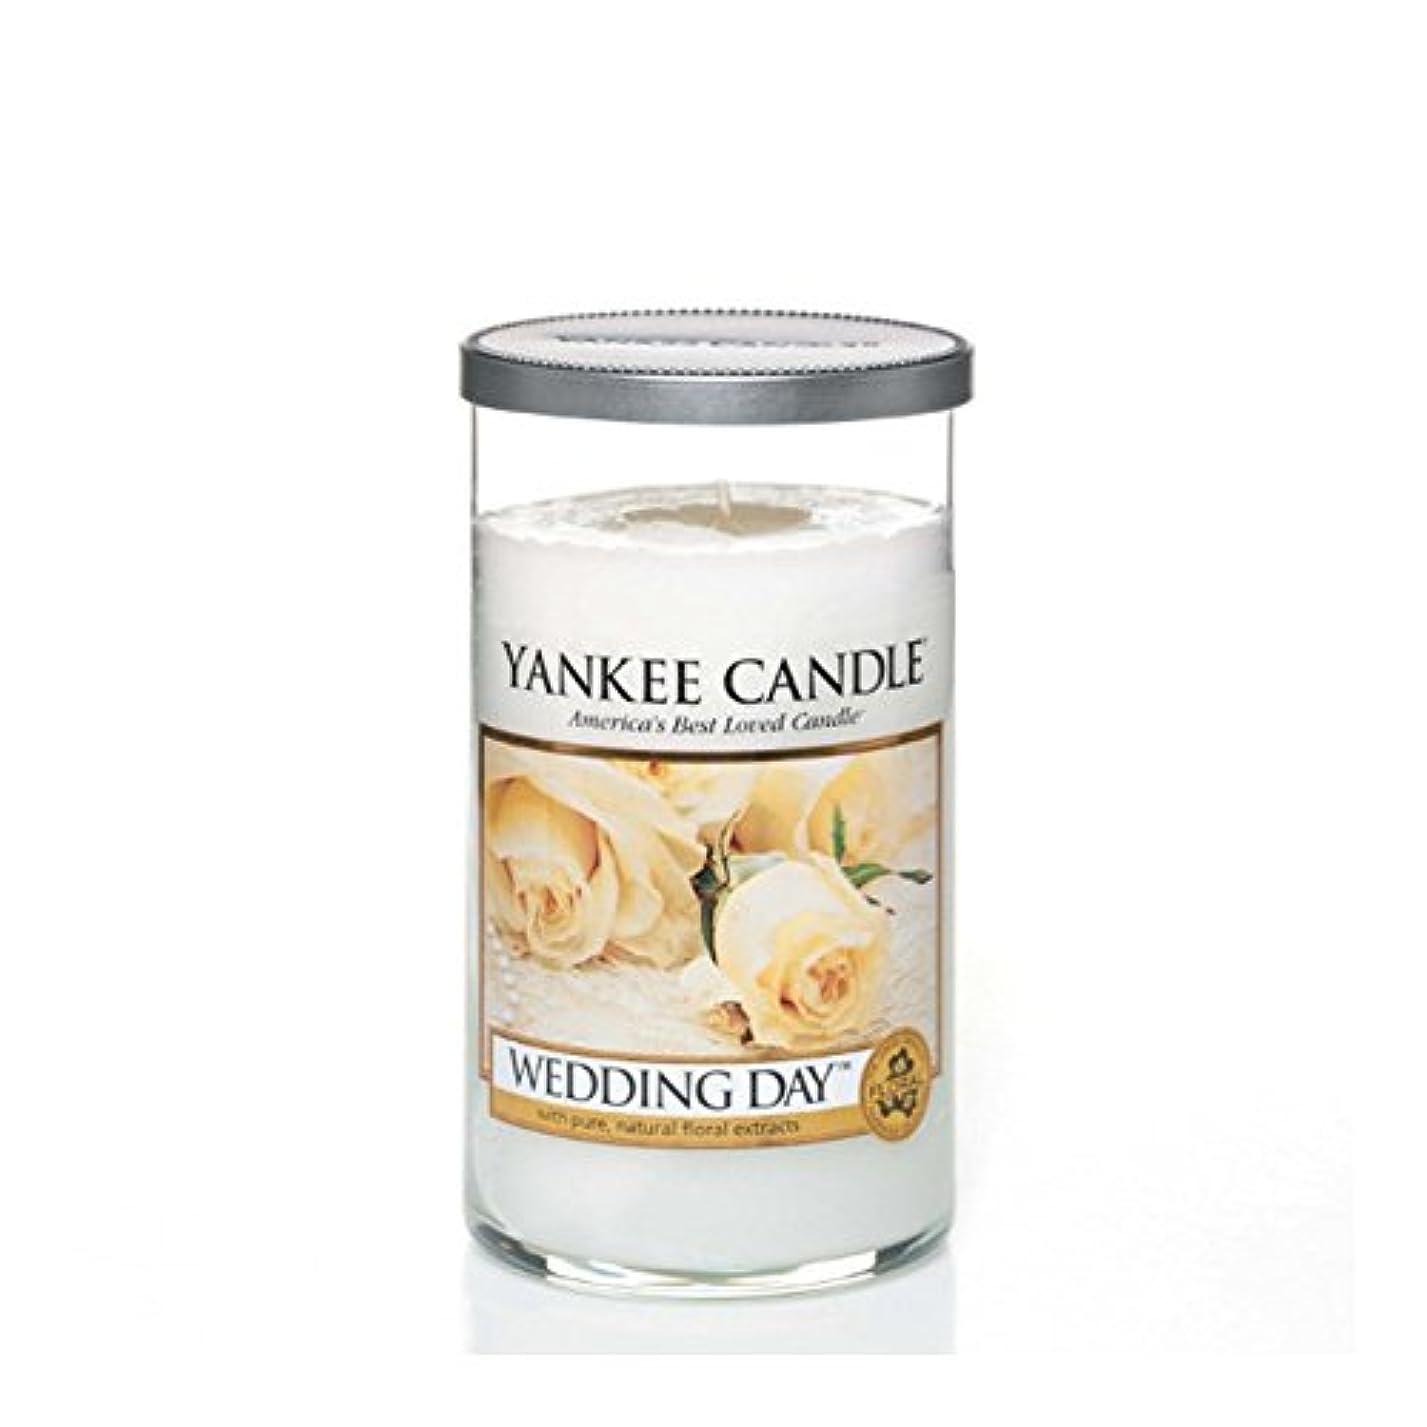 バングラデシュ増幅する食品ヤンキーキャンドルメディアピラーキャンドル - 結婚式の日 - Yankee Candles Medium Pillar Candle - Wedding Day (Yankee Candles) [並行輸入品]